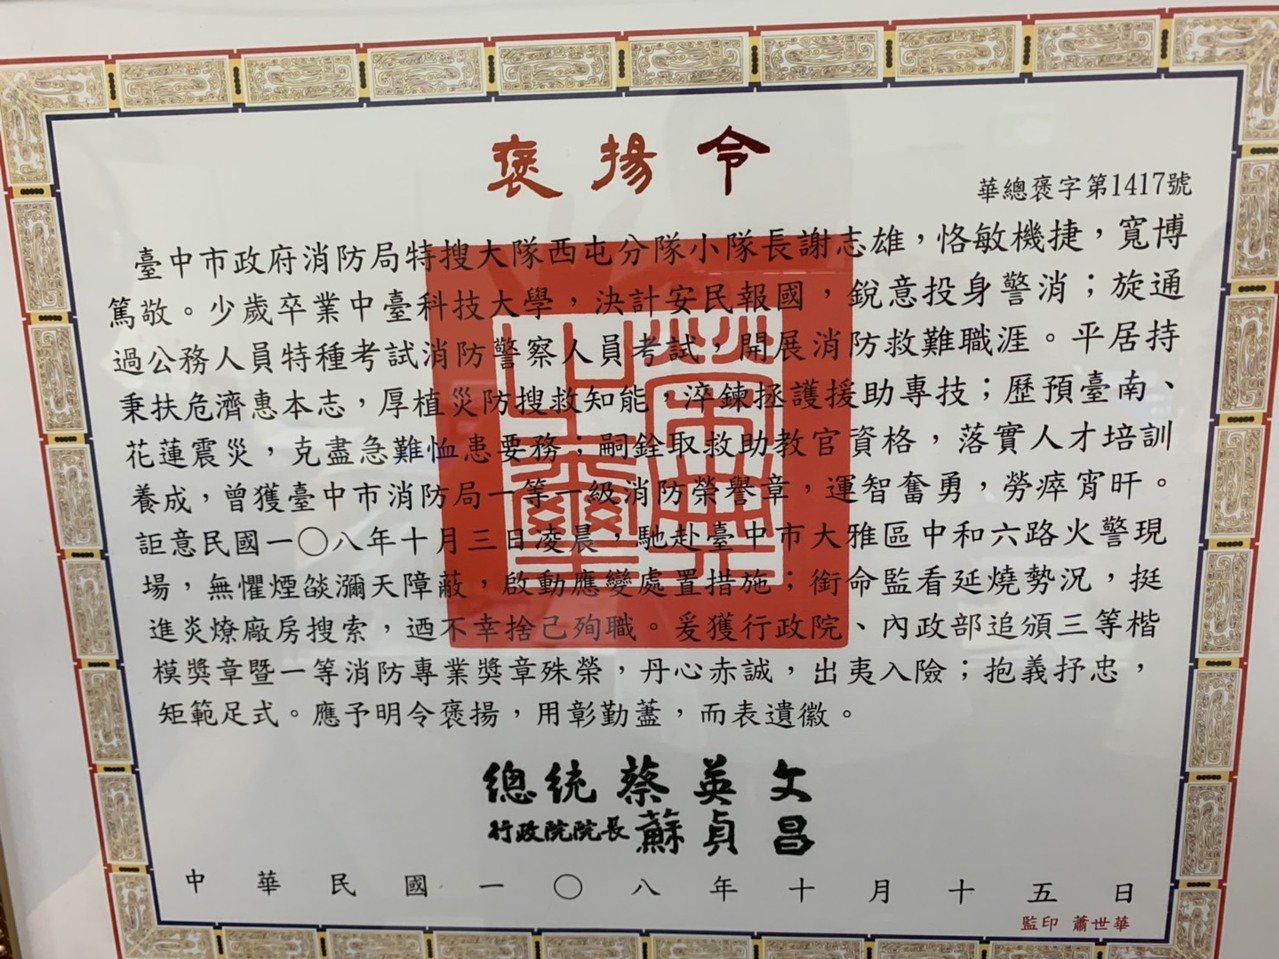 台中市消防局隊員謝志雄、張哲嘉救火時殉職,明天上午將舉辦告別式,現場將由司儀宣讀...